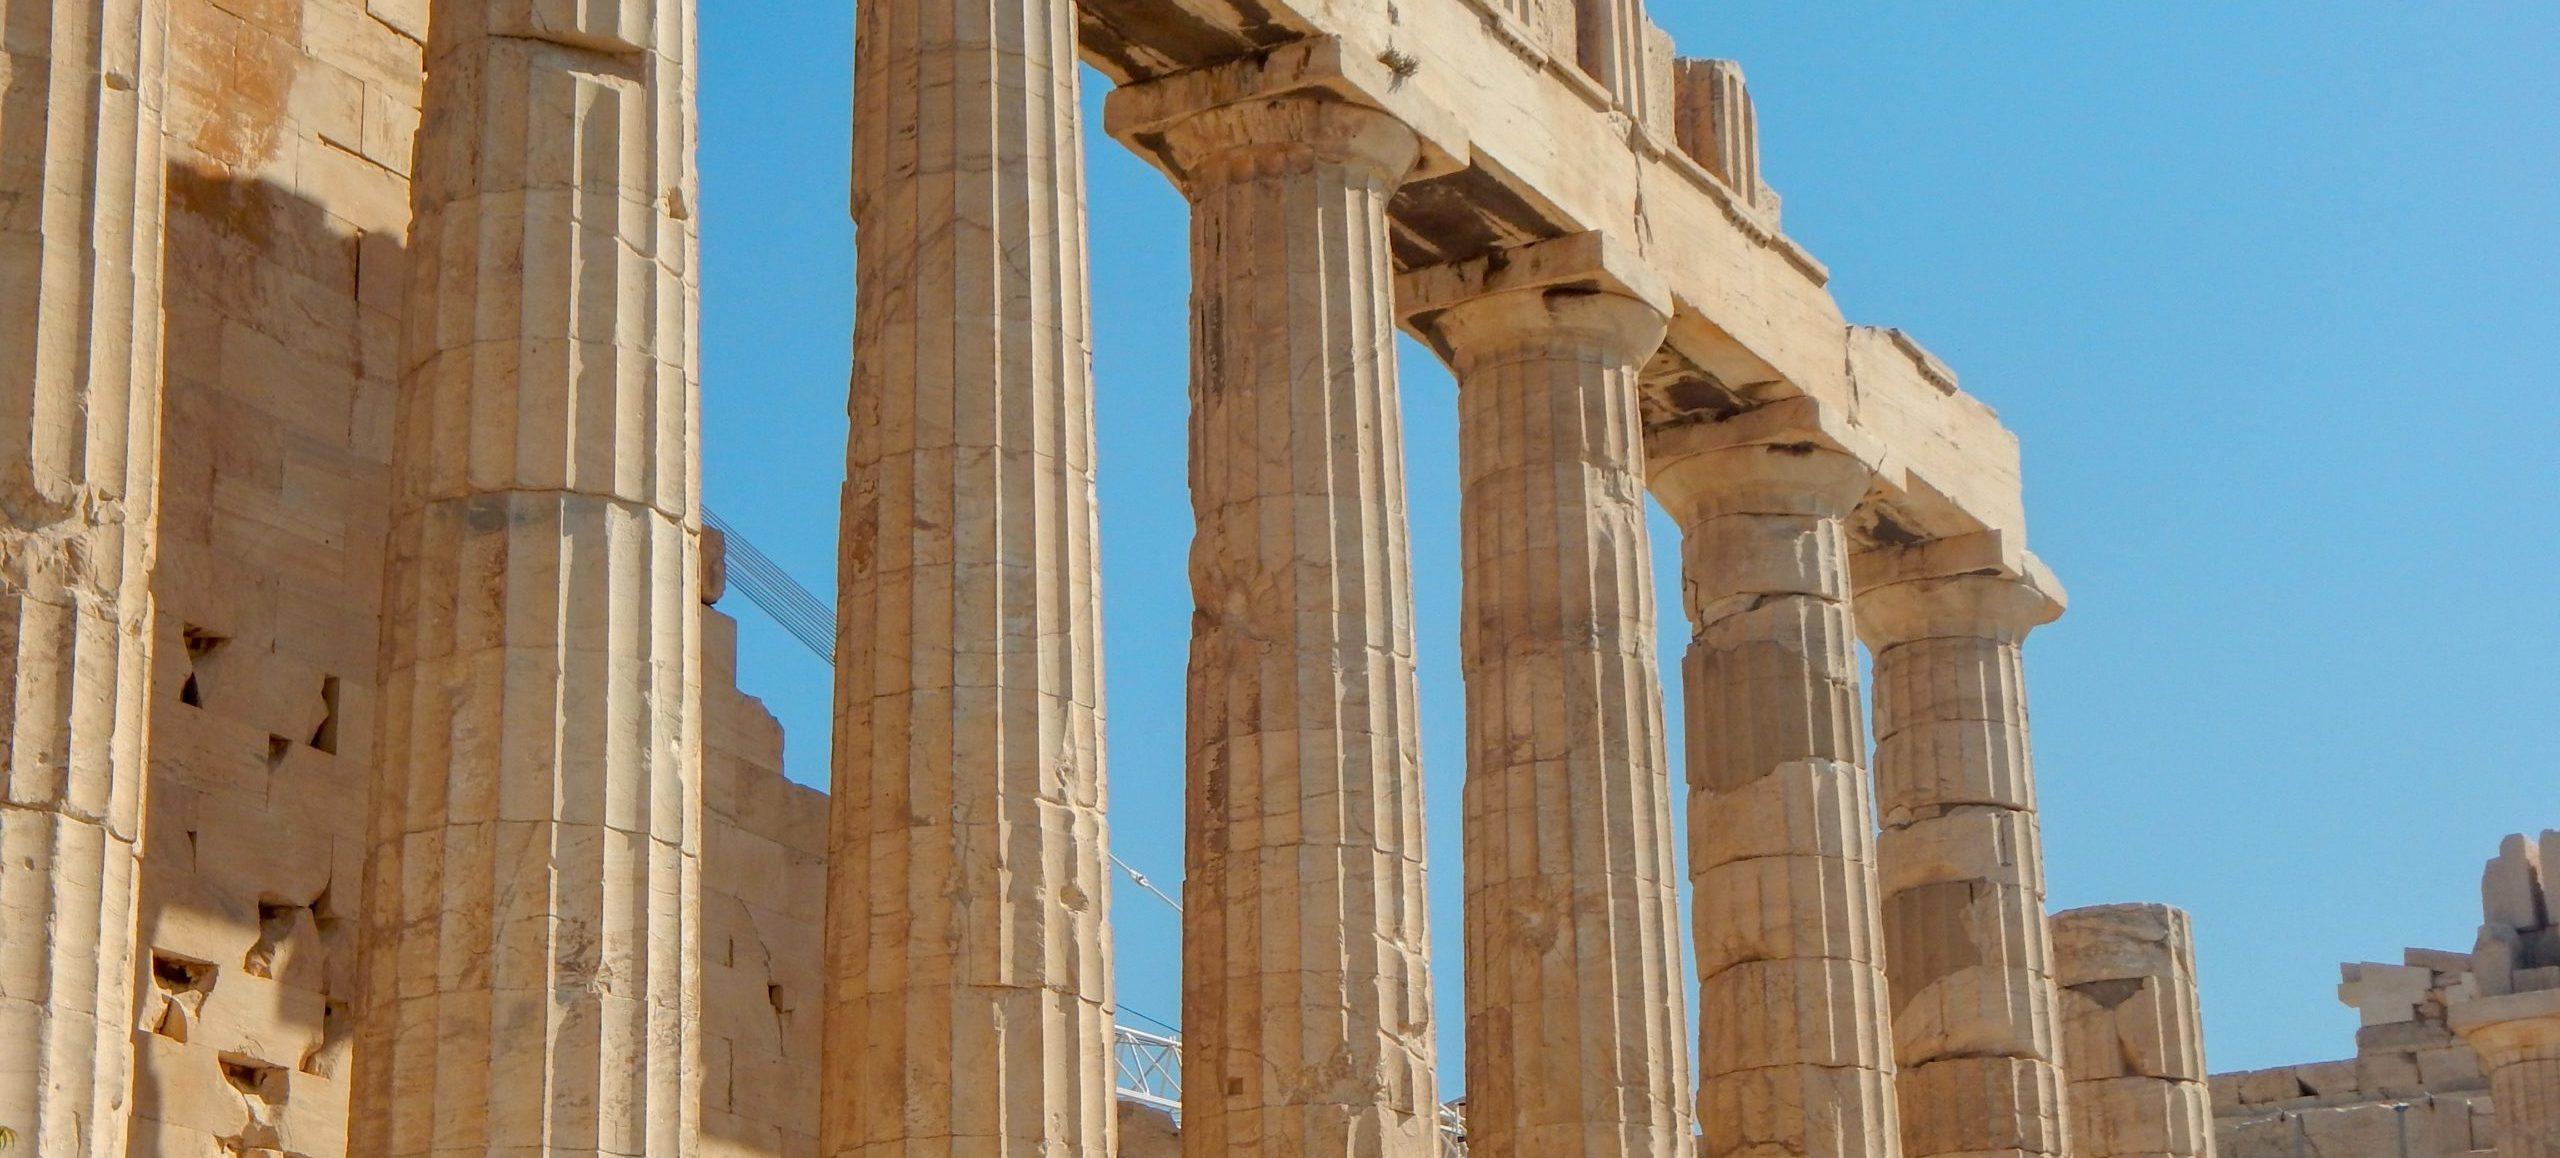 Os nomes dos modos gregos vêm das regiões da Grécia antiga